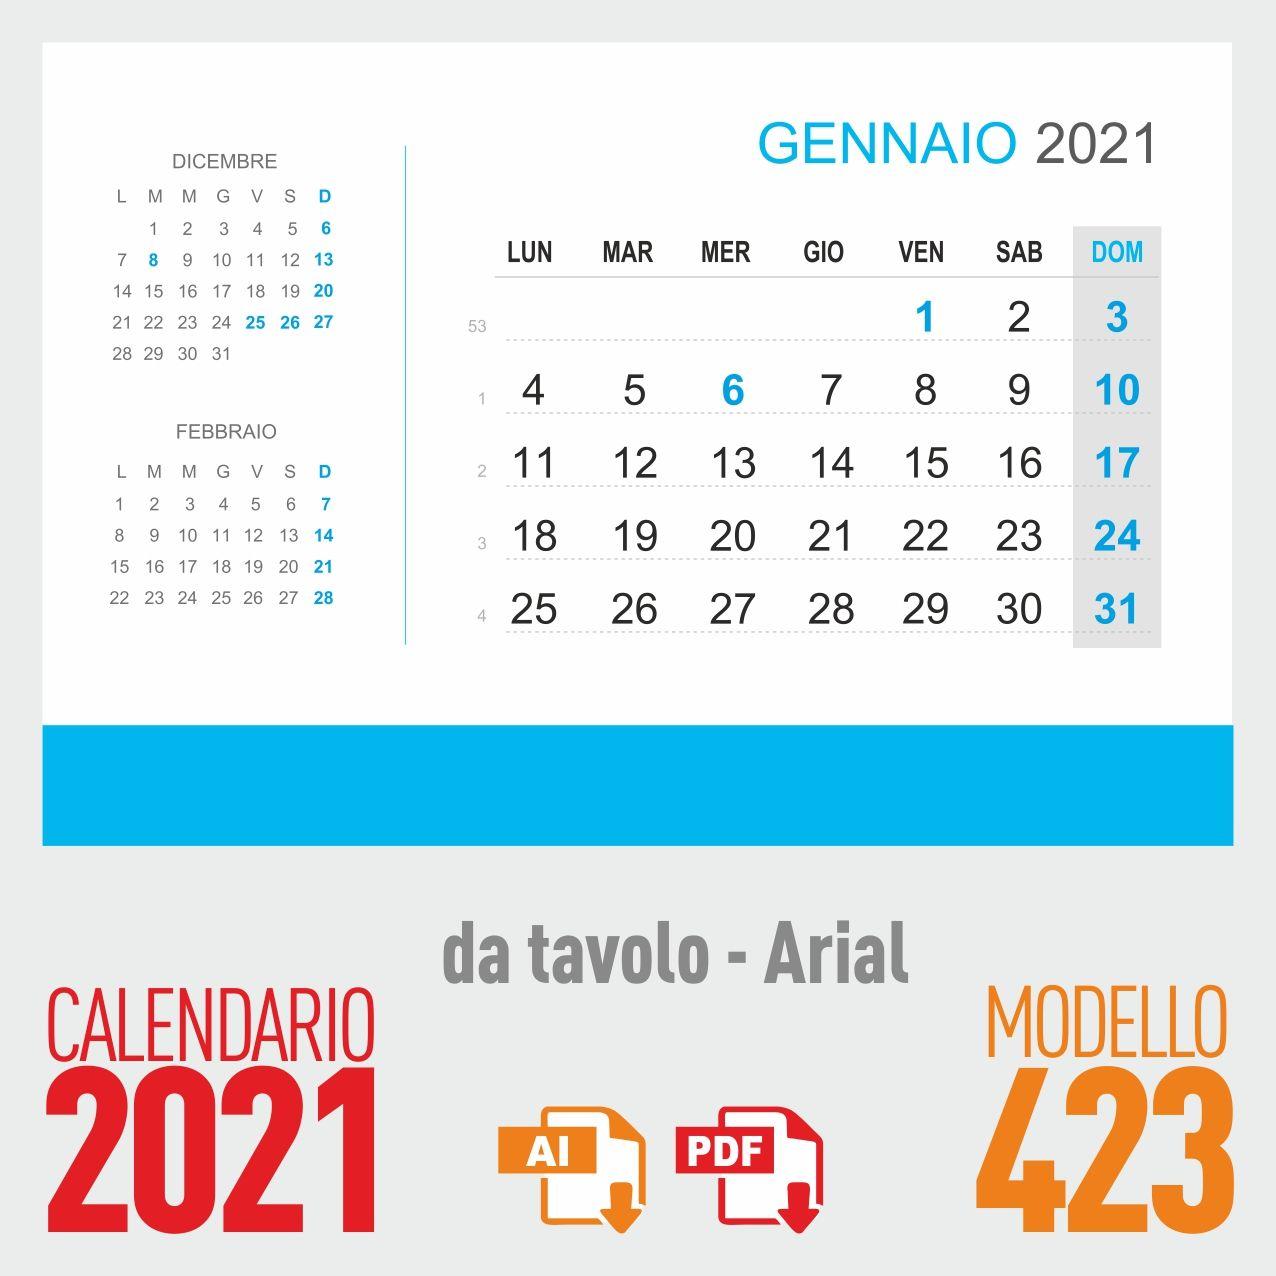 Calendario Da Tavolo Febbraio 2021 Calendario 2021 tavolo   Calendario